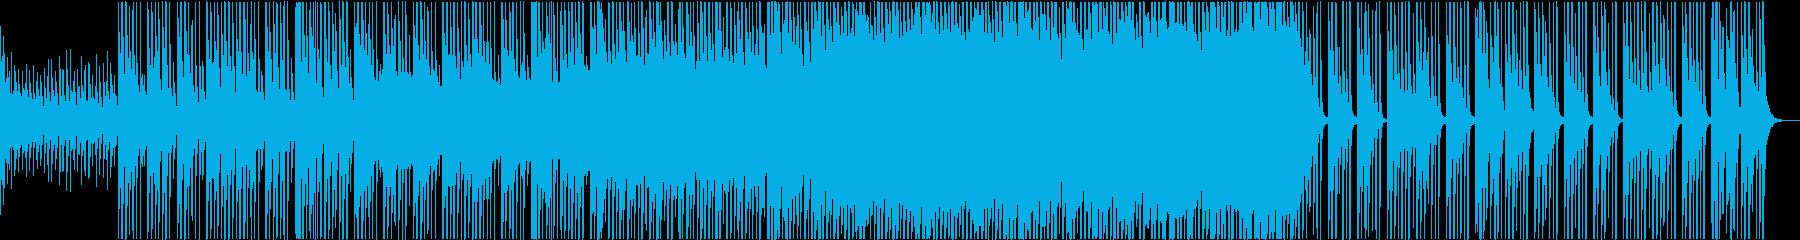 和楽器とストリングスとノイズのミックス曲の再生済みの波形